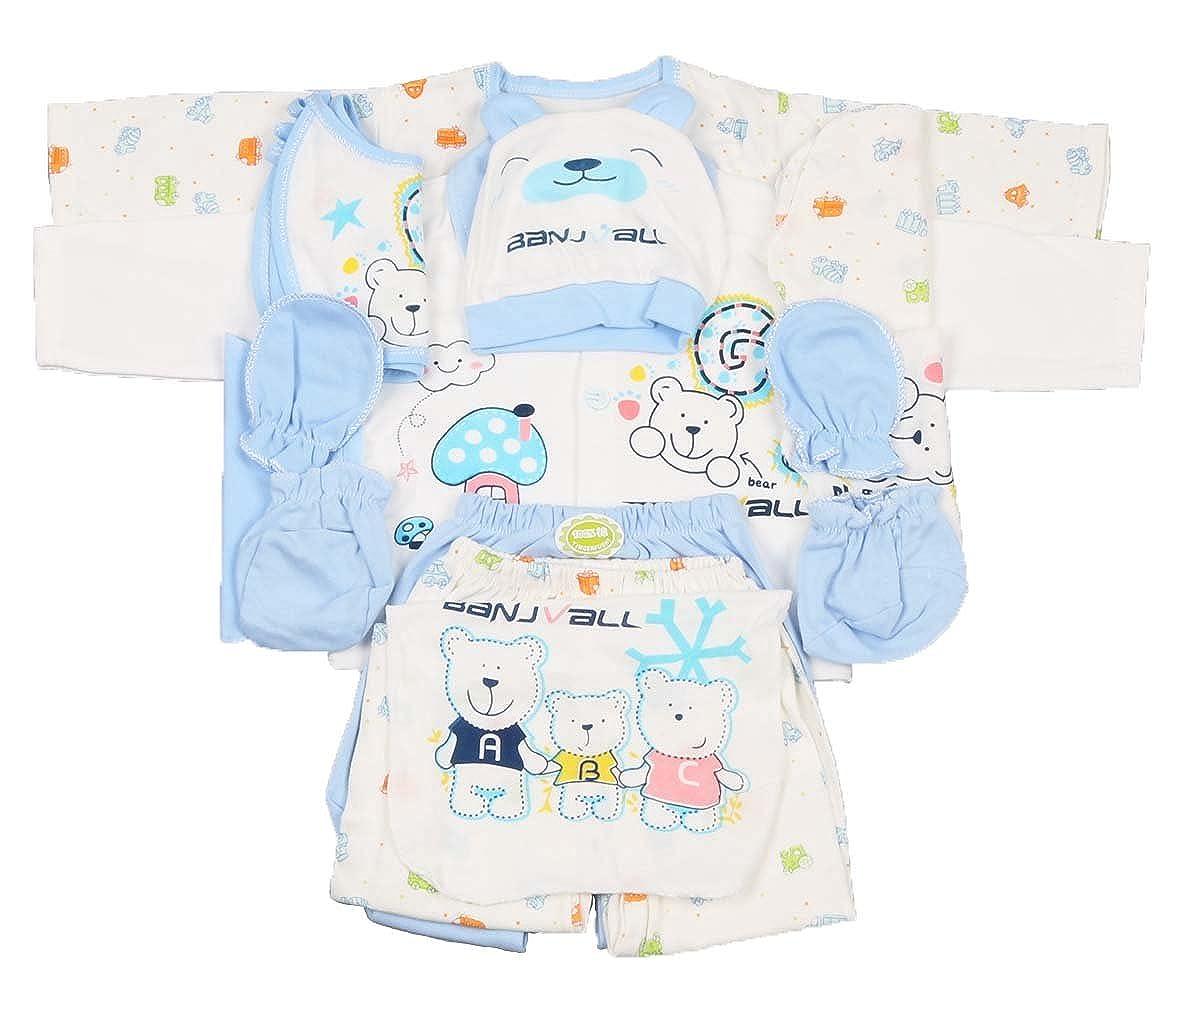 Peak Newborn Essential Clothes 18pcs Unisex-Baby Layette Gift Set 0-3M Peak-Peak